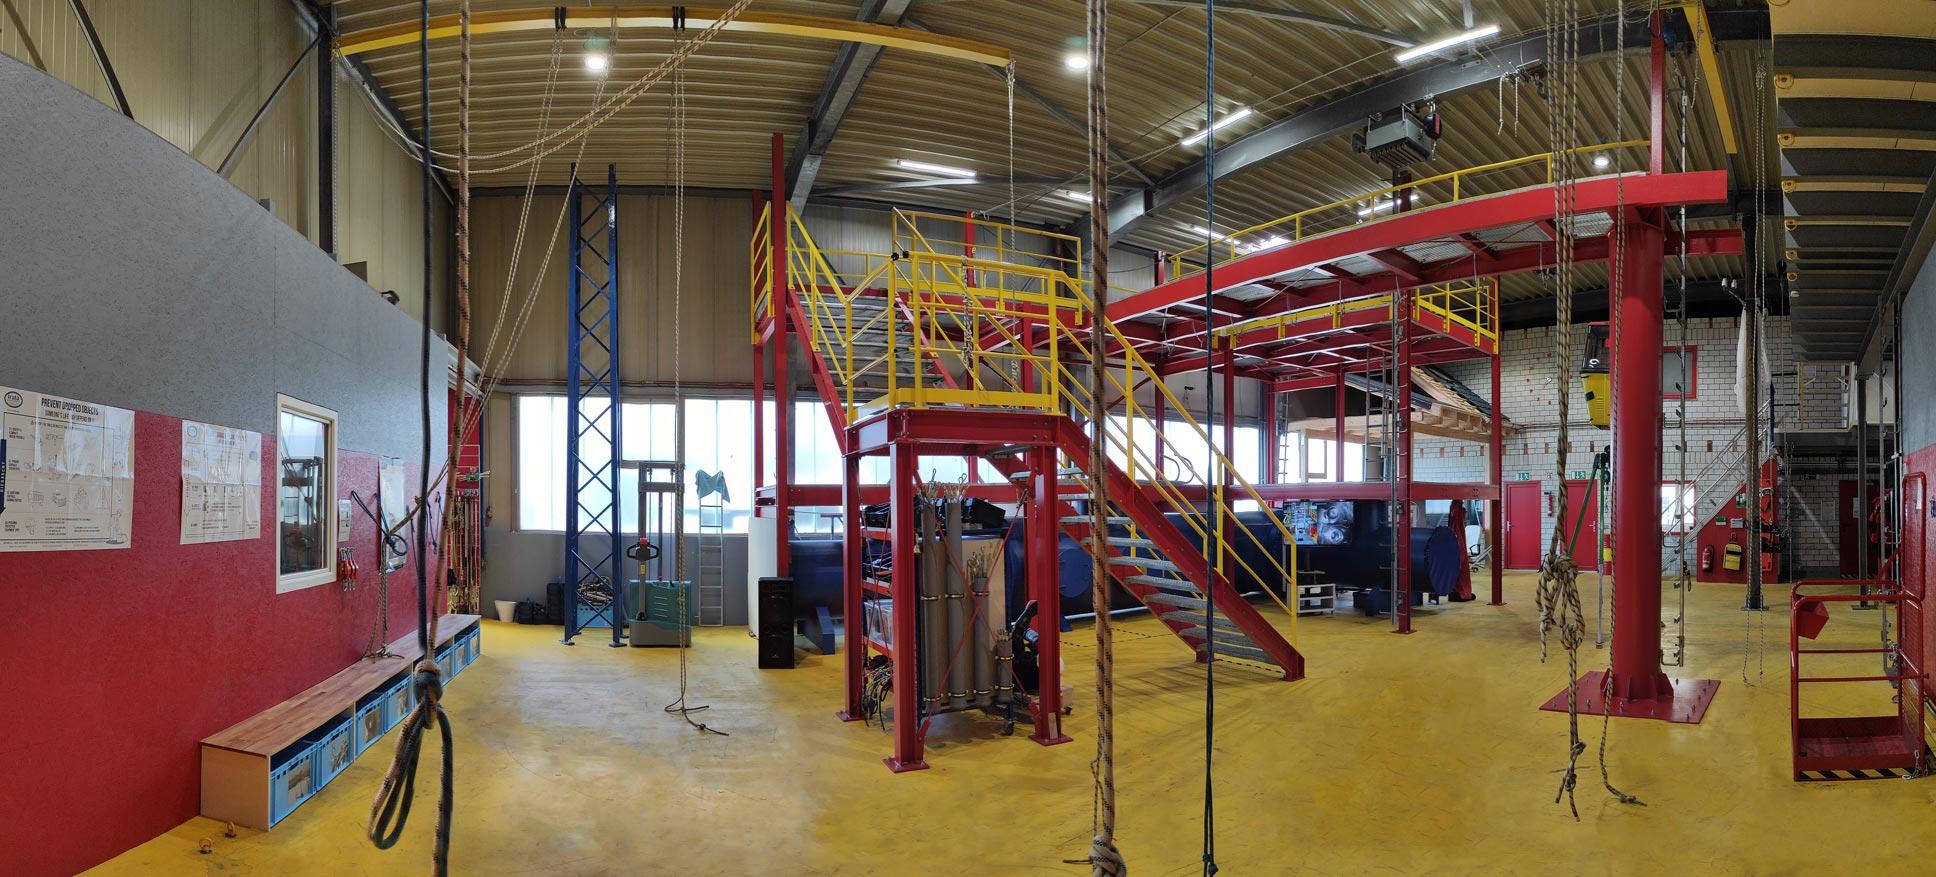 Industriekletterer Bonn Akademie Panorama